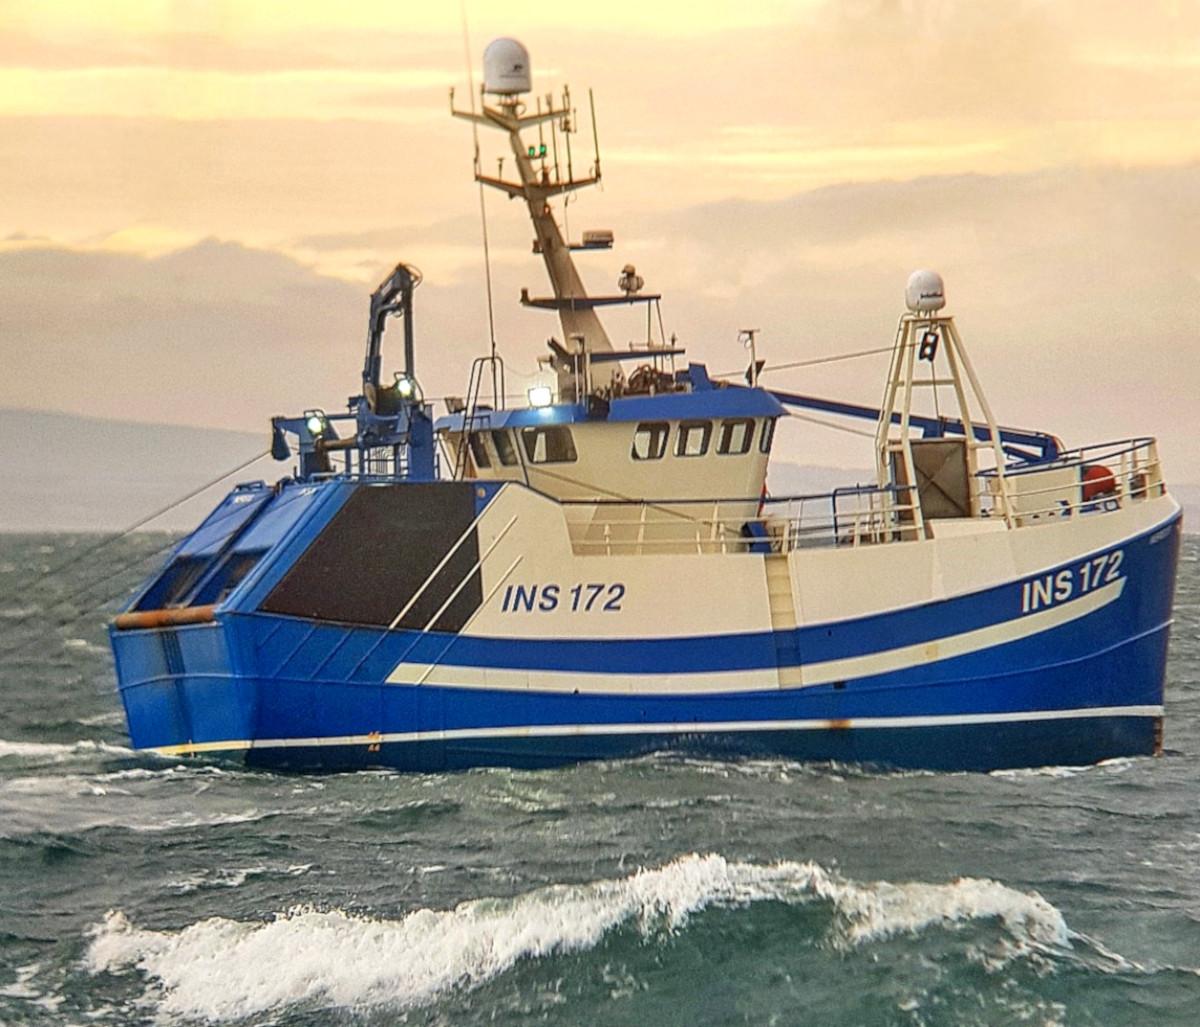 The twin-rig prawn freezer trawler Nereus INS 172.  (Duncan Mackenzie)